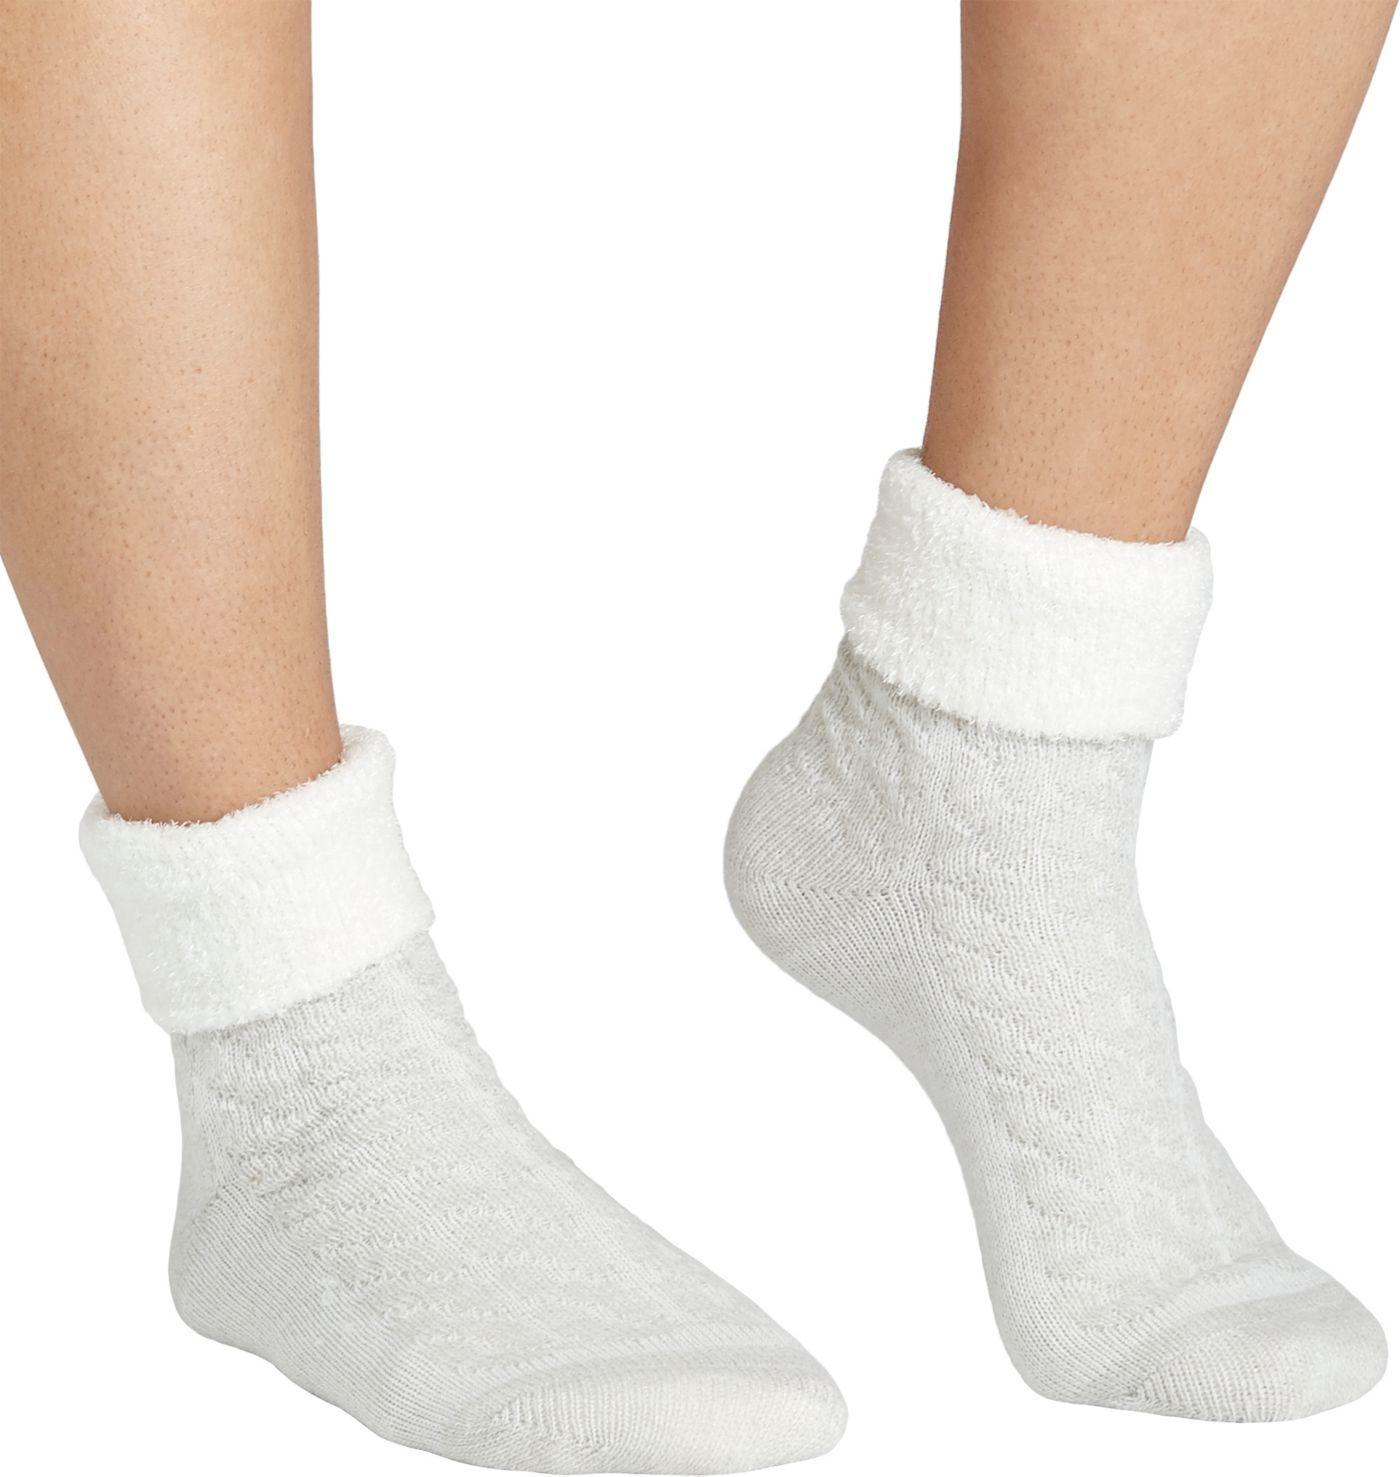 Field & Stream Women's Cozy Cabin Cable Fold Socks